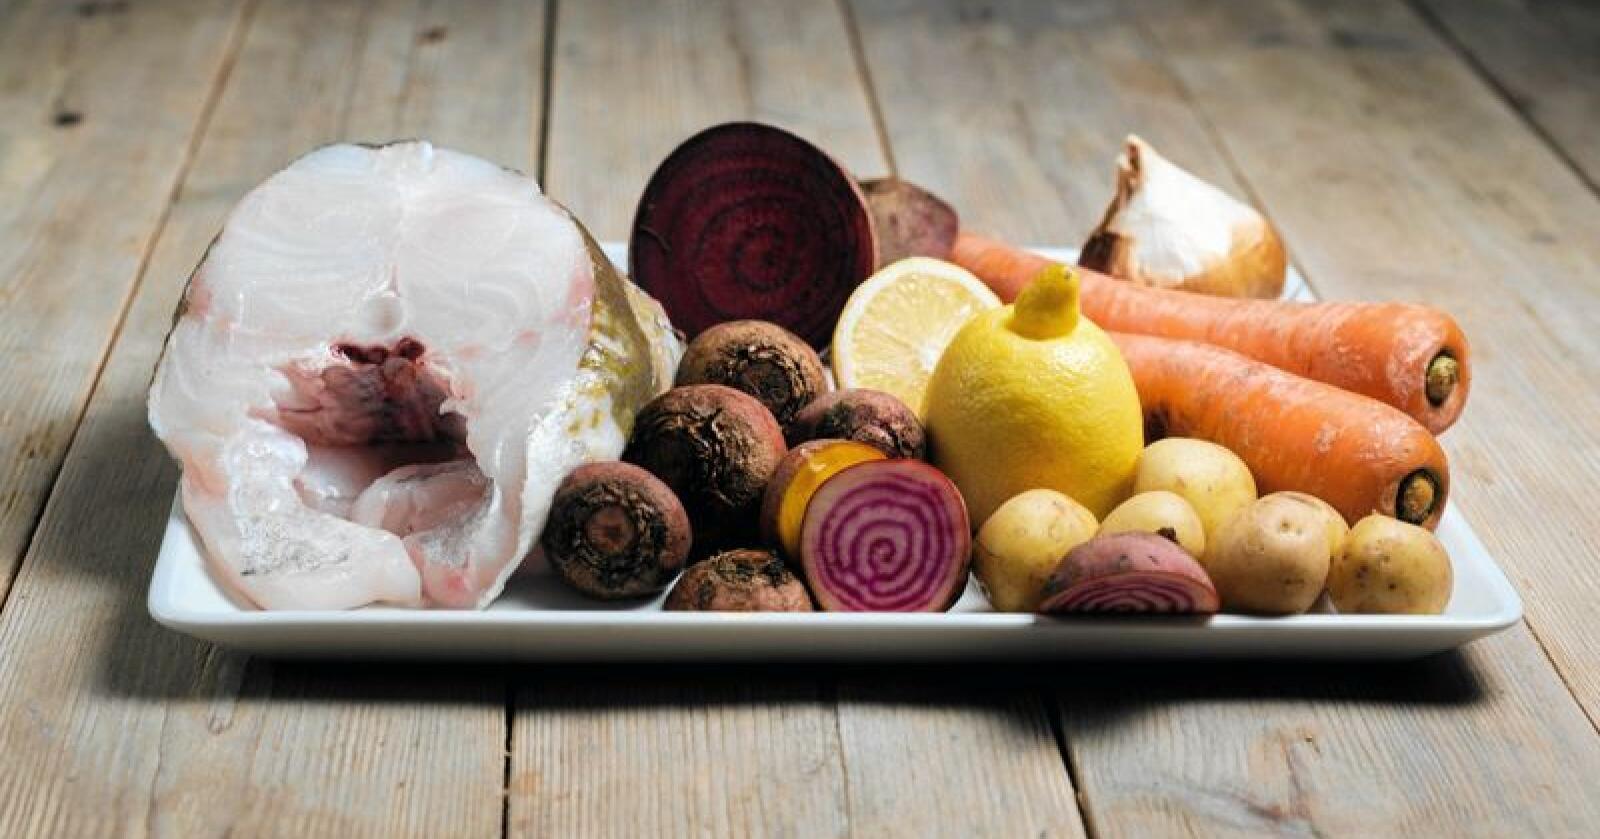 Rapporten skal ikke bare fortelle oss hvilke råvarer vi skal spise for å beskytte miljøet og oss selv, men også hvordan de skal produseres. Foto: Ole Gunnar Onsøien / NTB scanpix